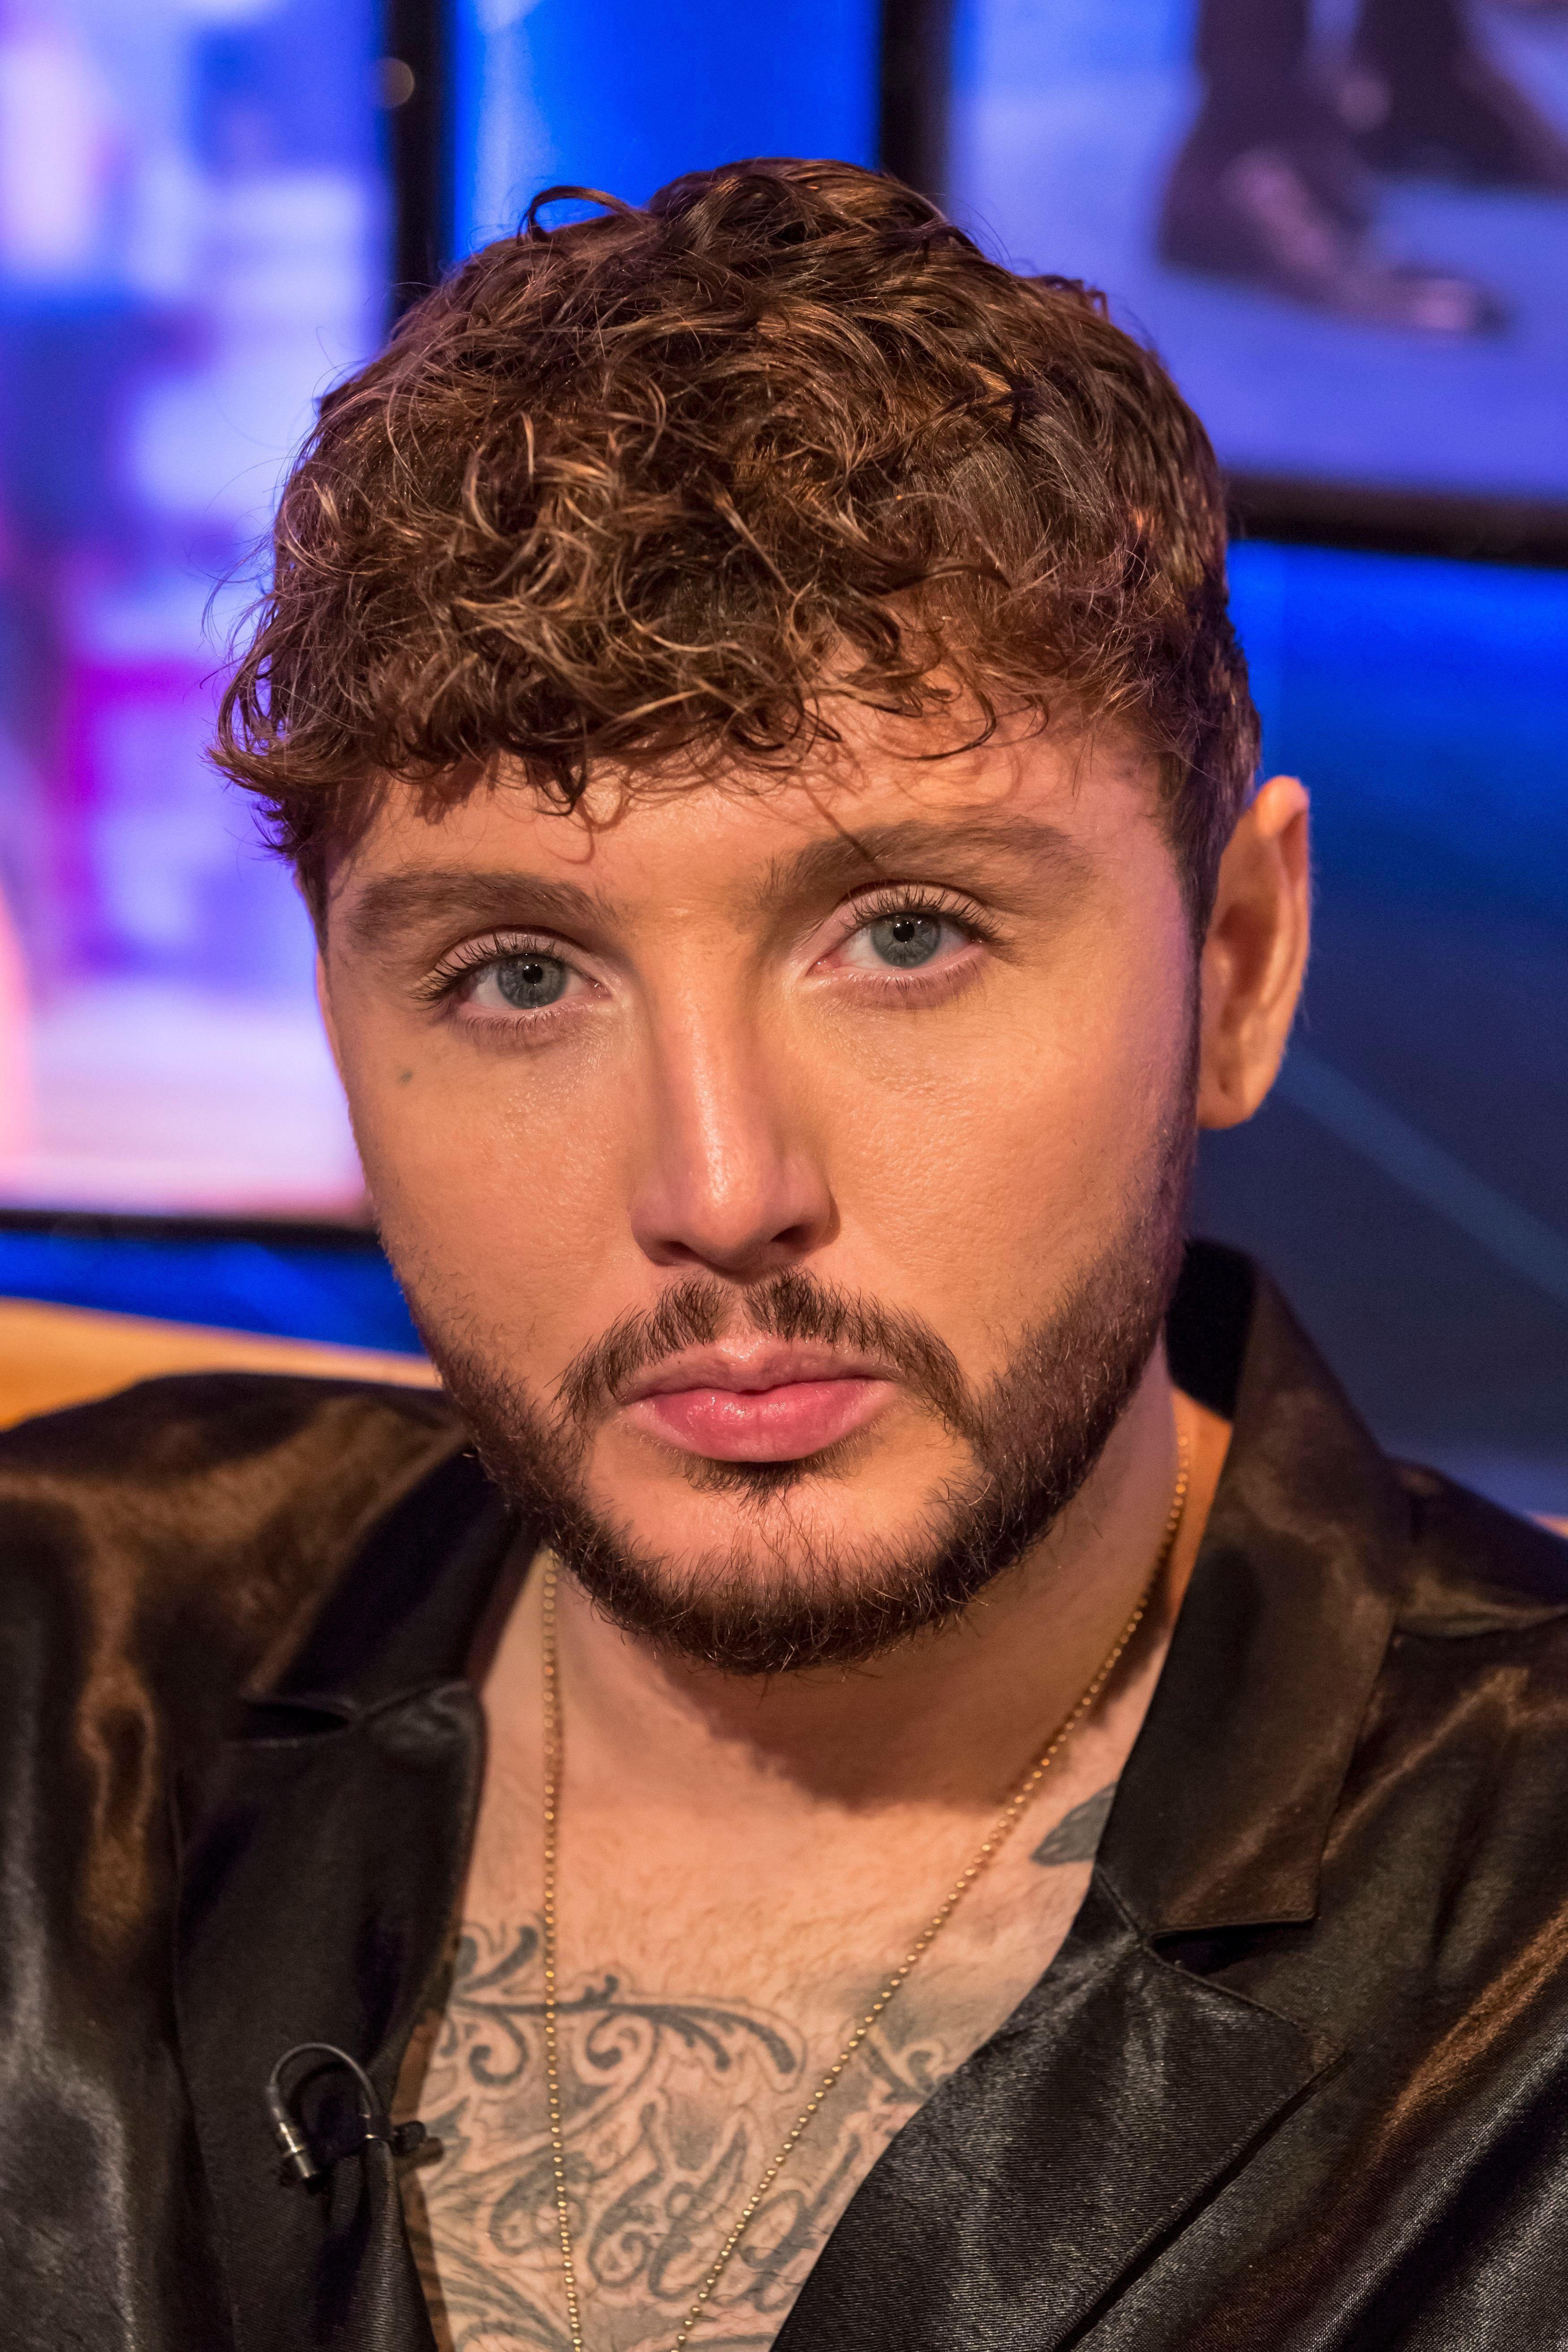 X Factor winner James Arthur has been fleeced of £600k